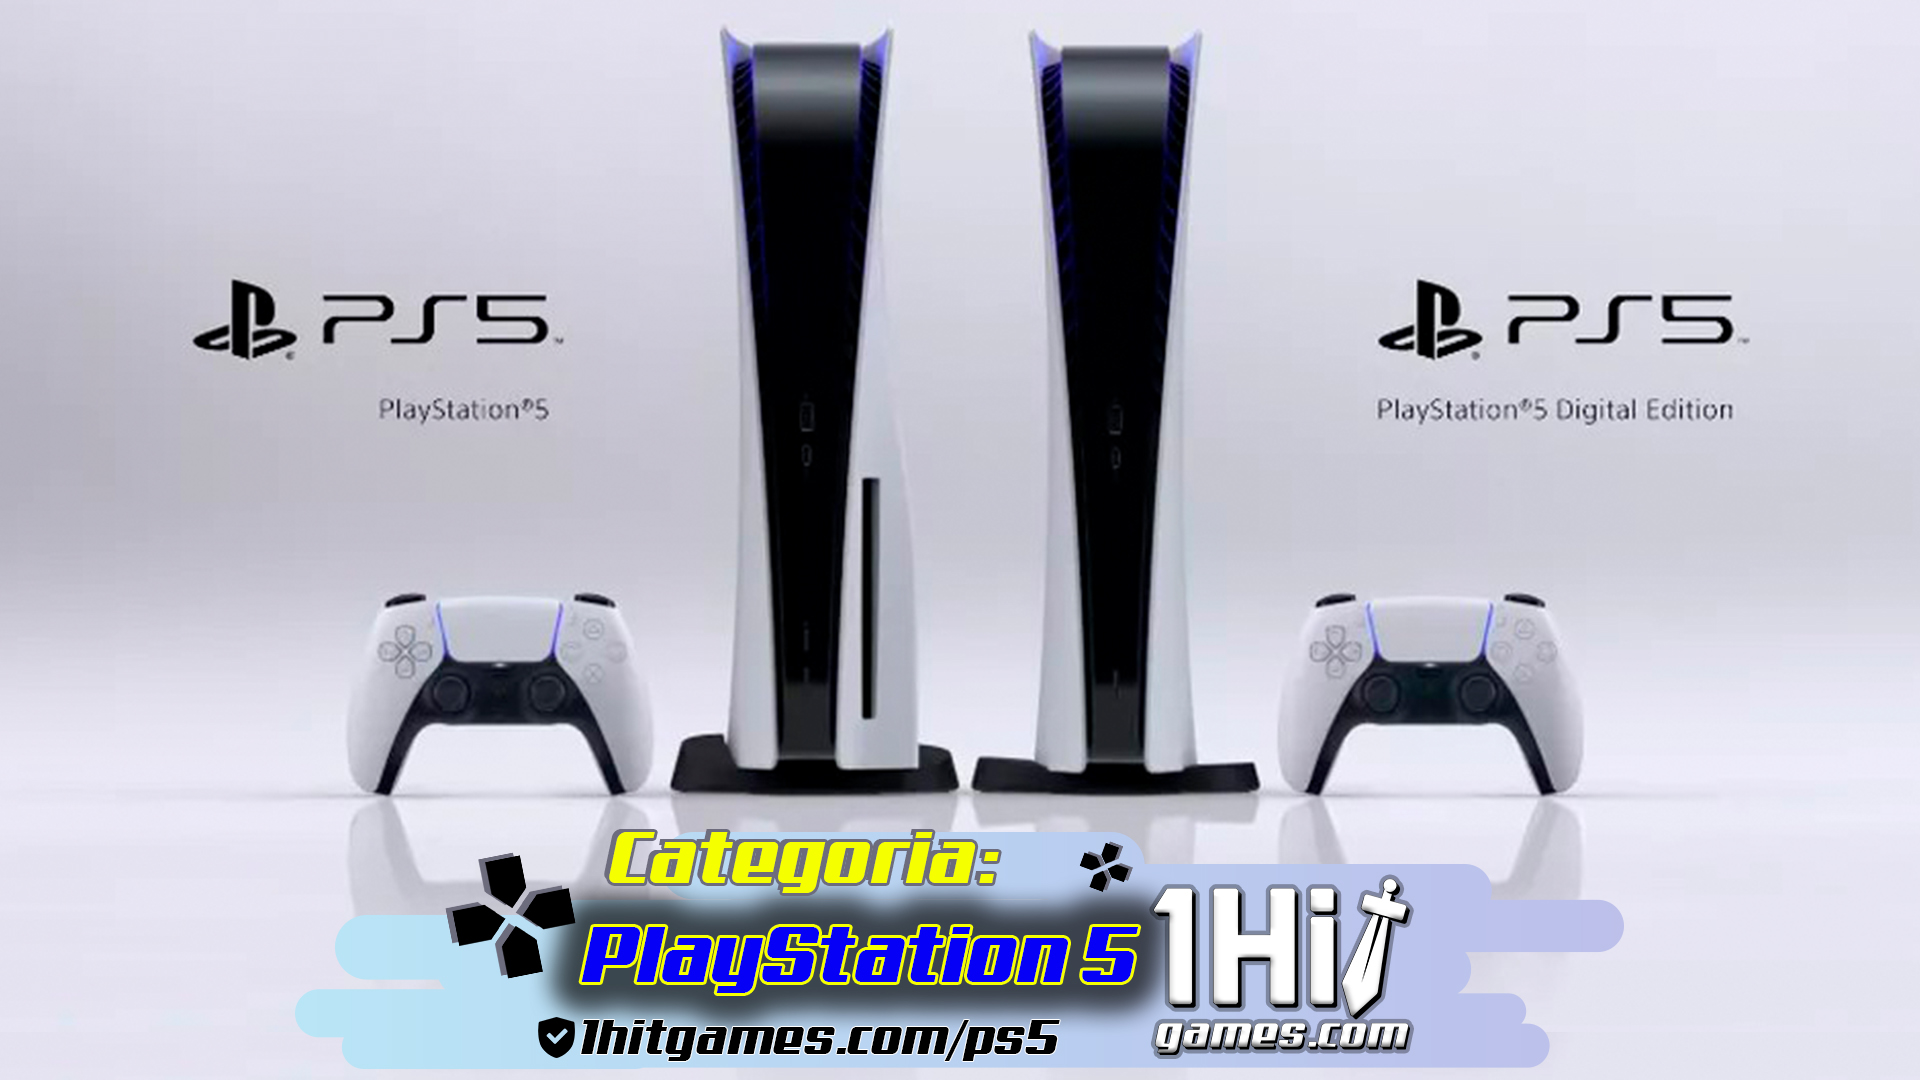 playstation5 games 1hitgames jogos eletronicos categorias 1hit sony console novidade tecnologia digital